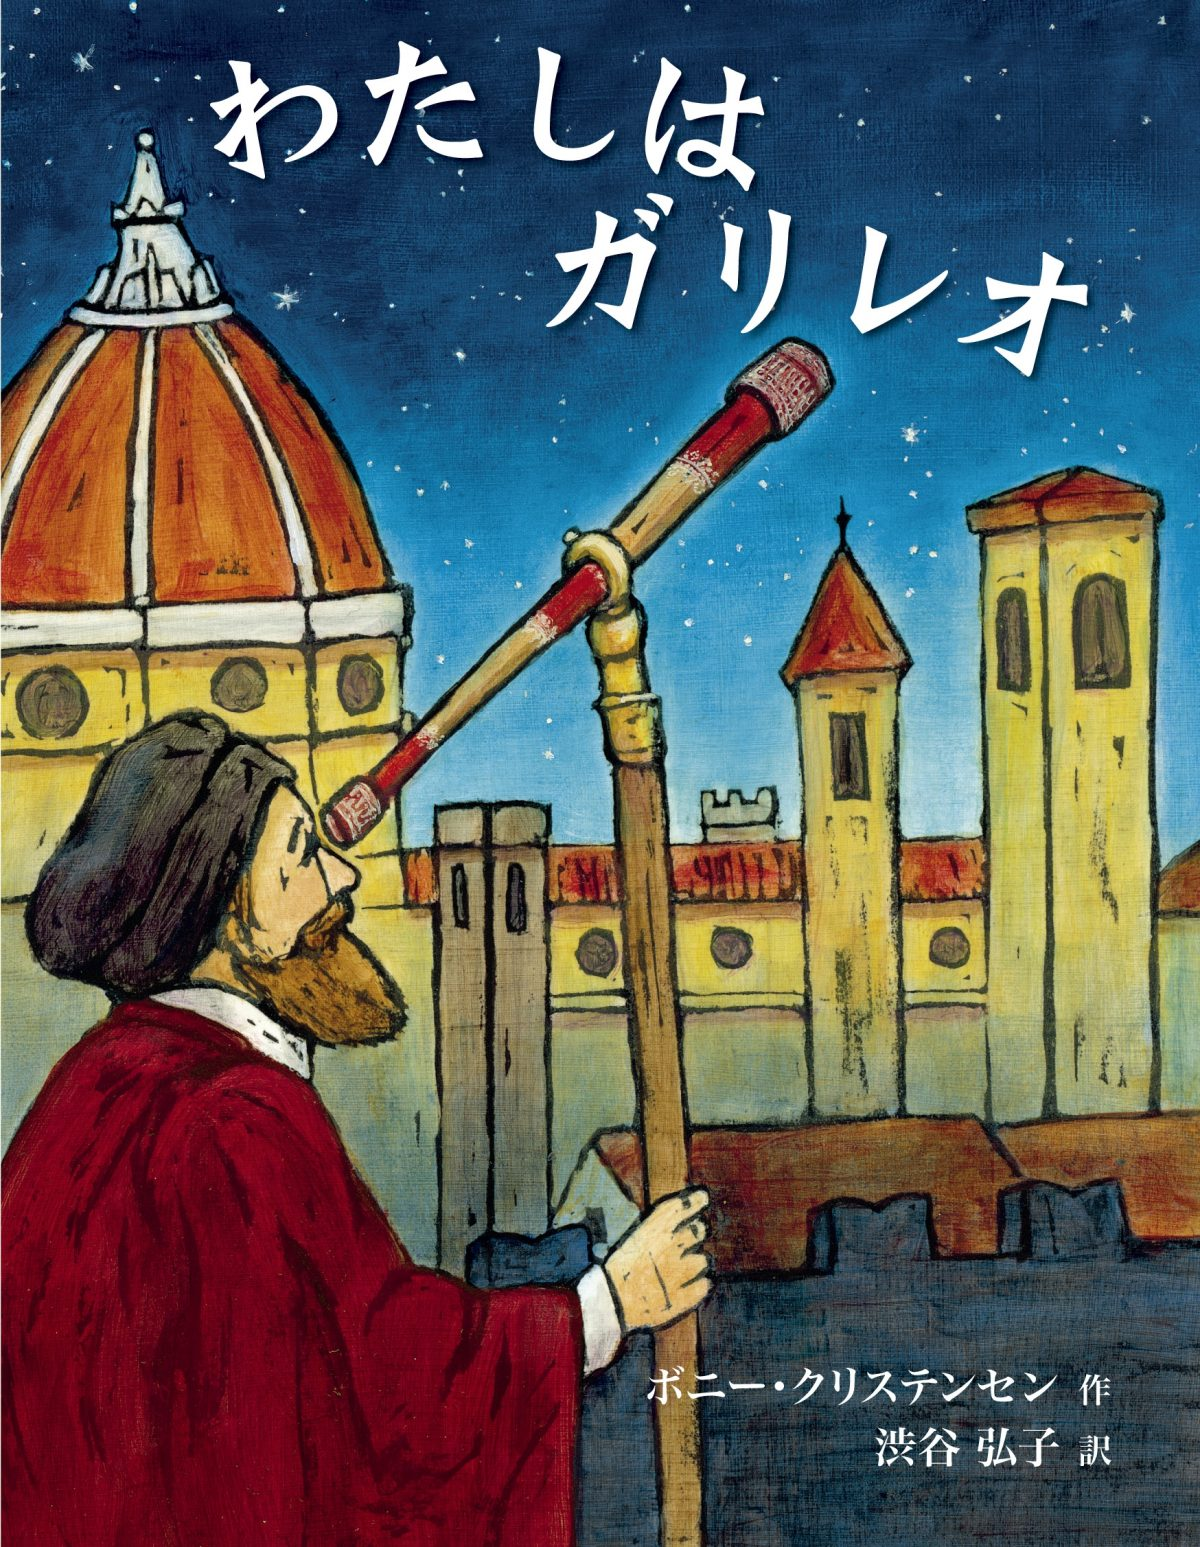 絵本「わたしはガリレオ」の表紙